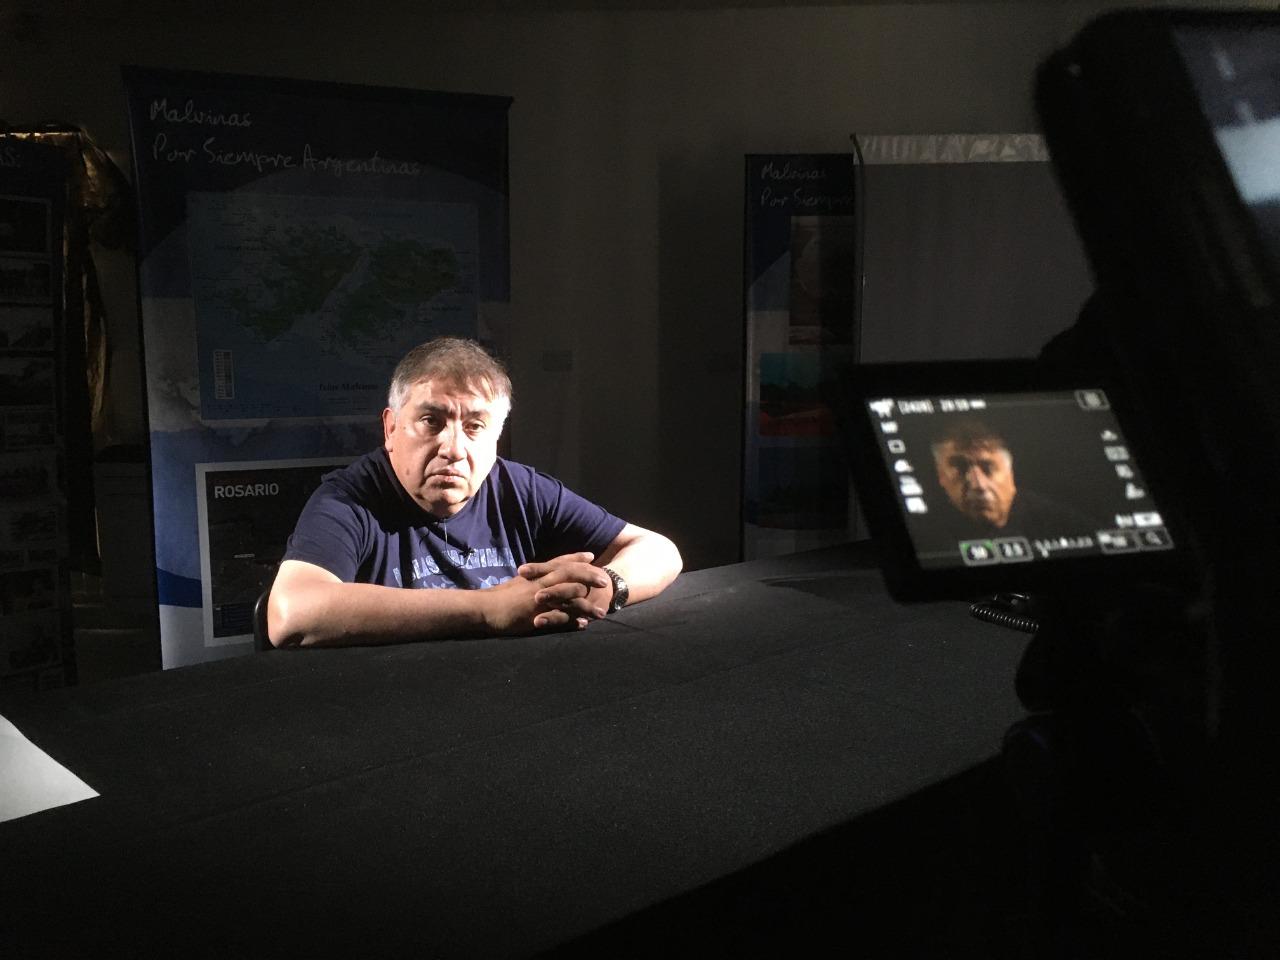 Luis Maza, el ex combatiente de Malvinas, que protagoniza el film y su historia sorprendente. Foto: Lucas Silva.